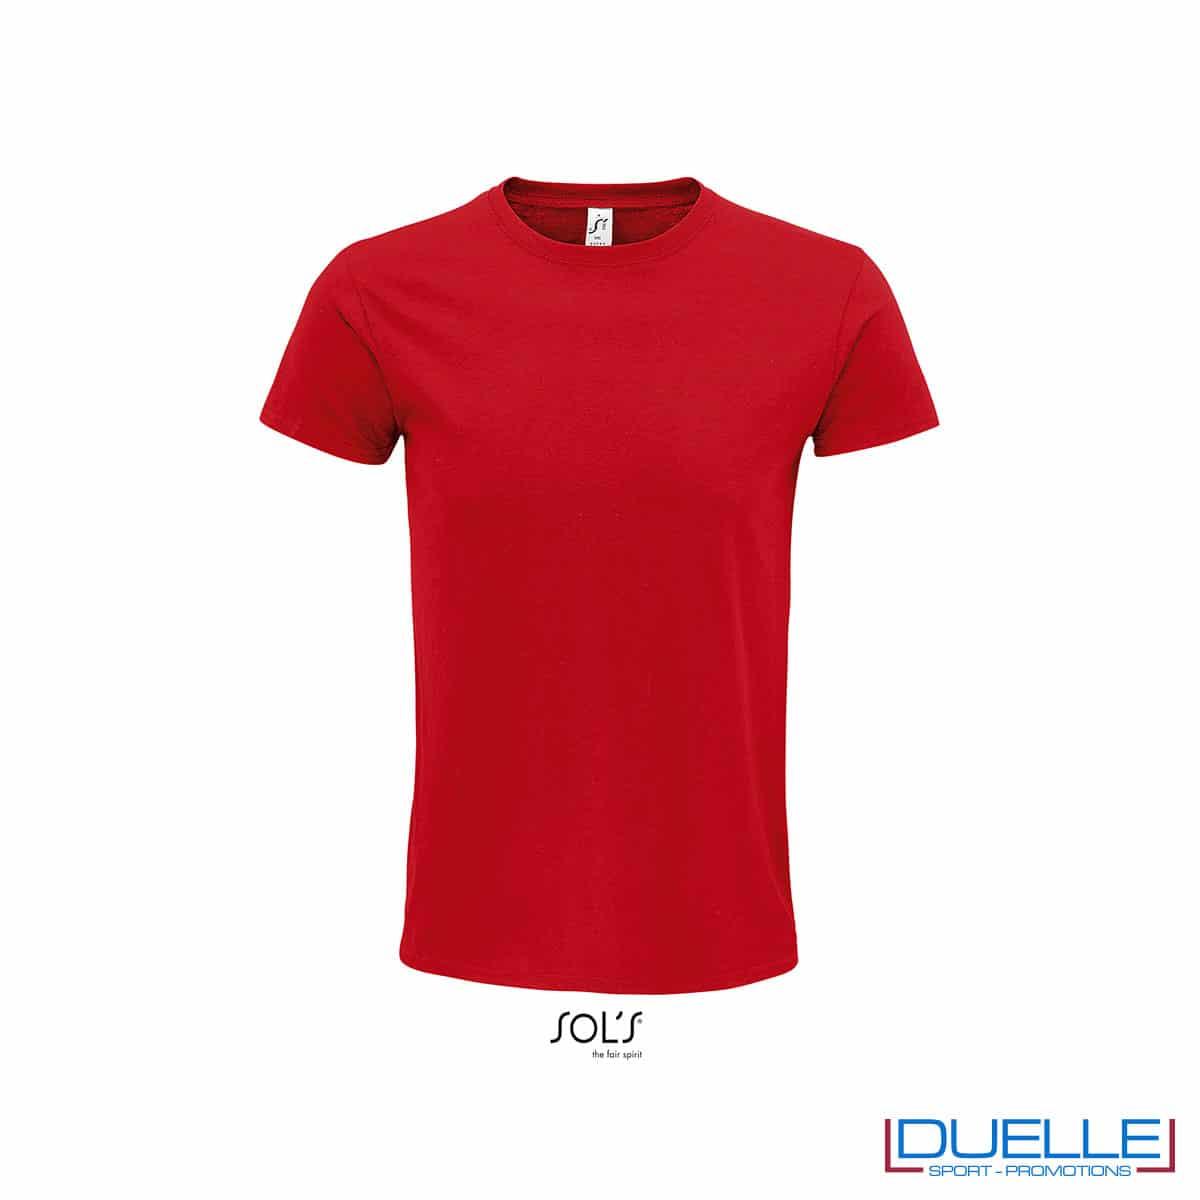 T-shirt ecosostenibile in cotone biologico colore rosso personalizzata